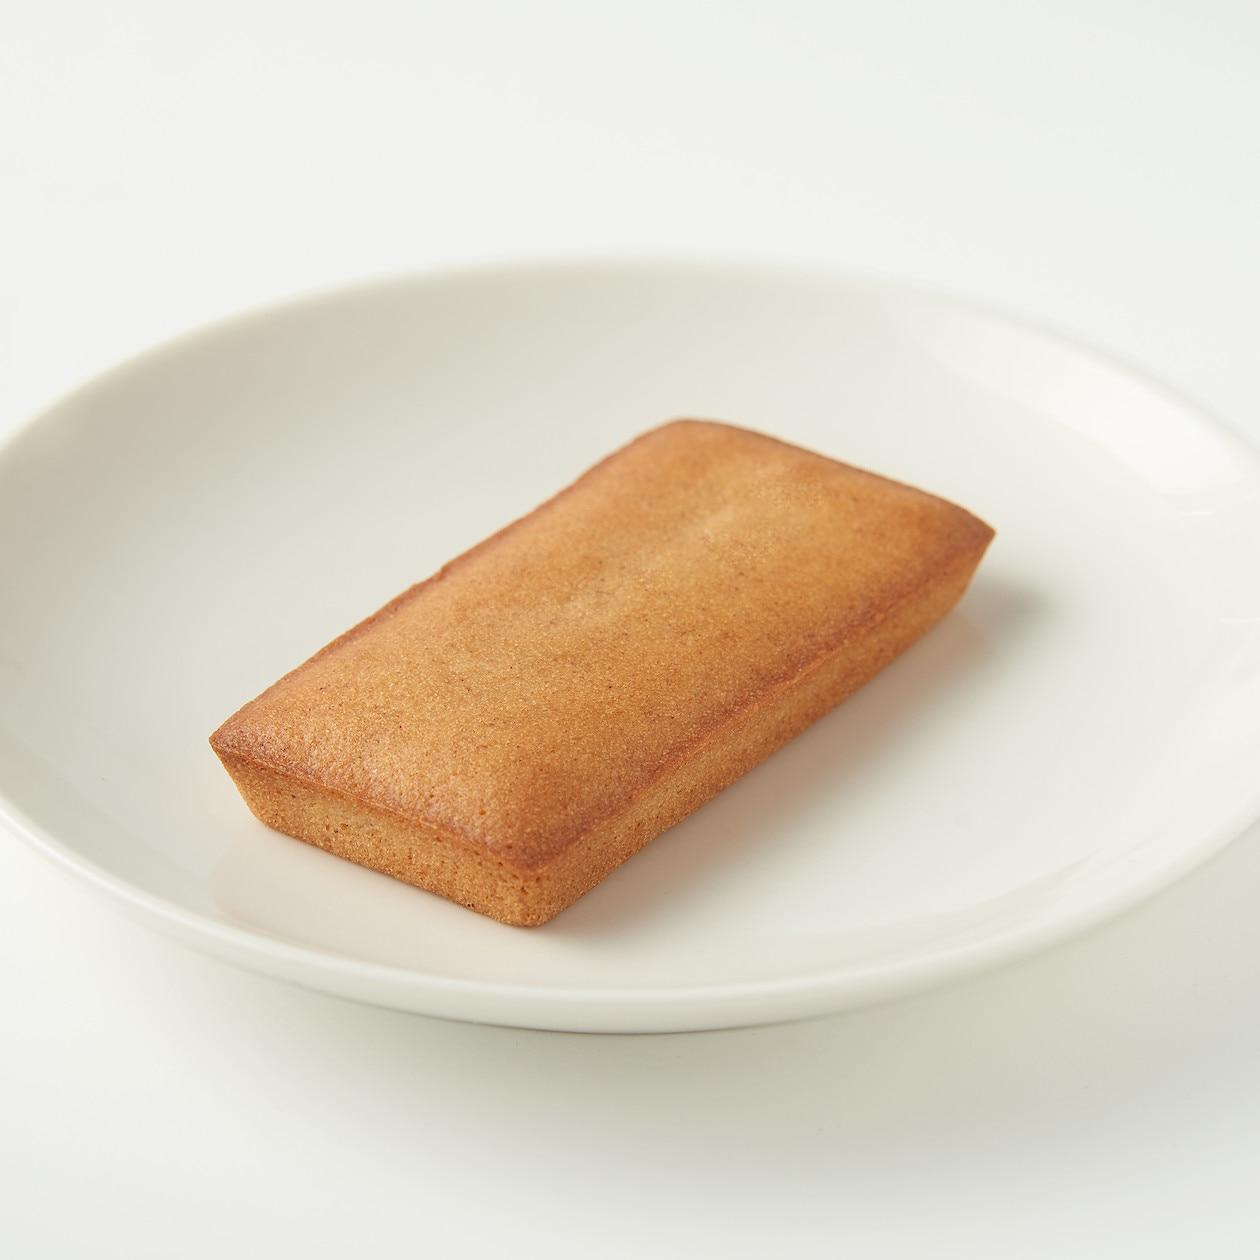 糖質10g以下のお菓子 フィナンシェ